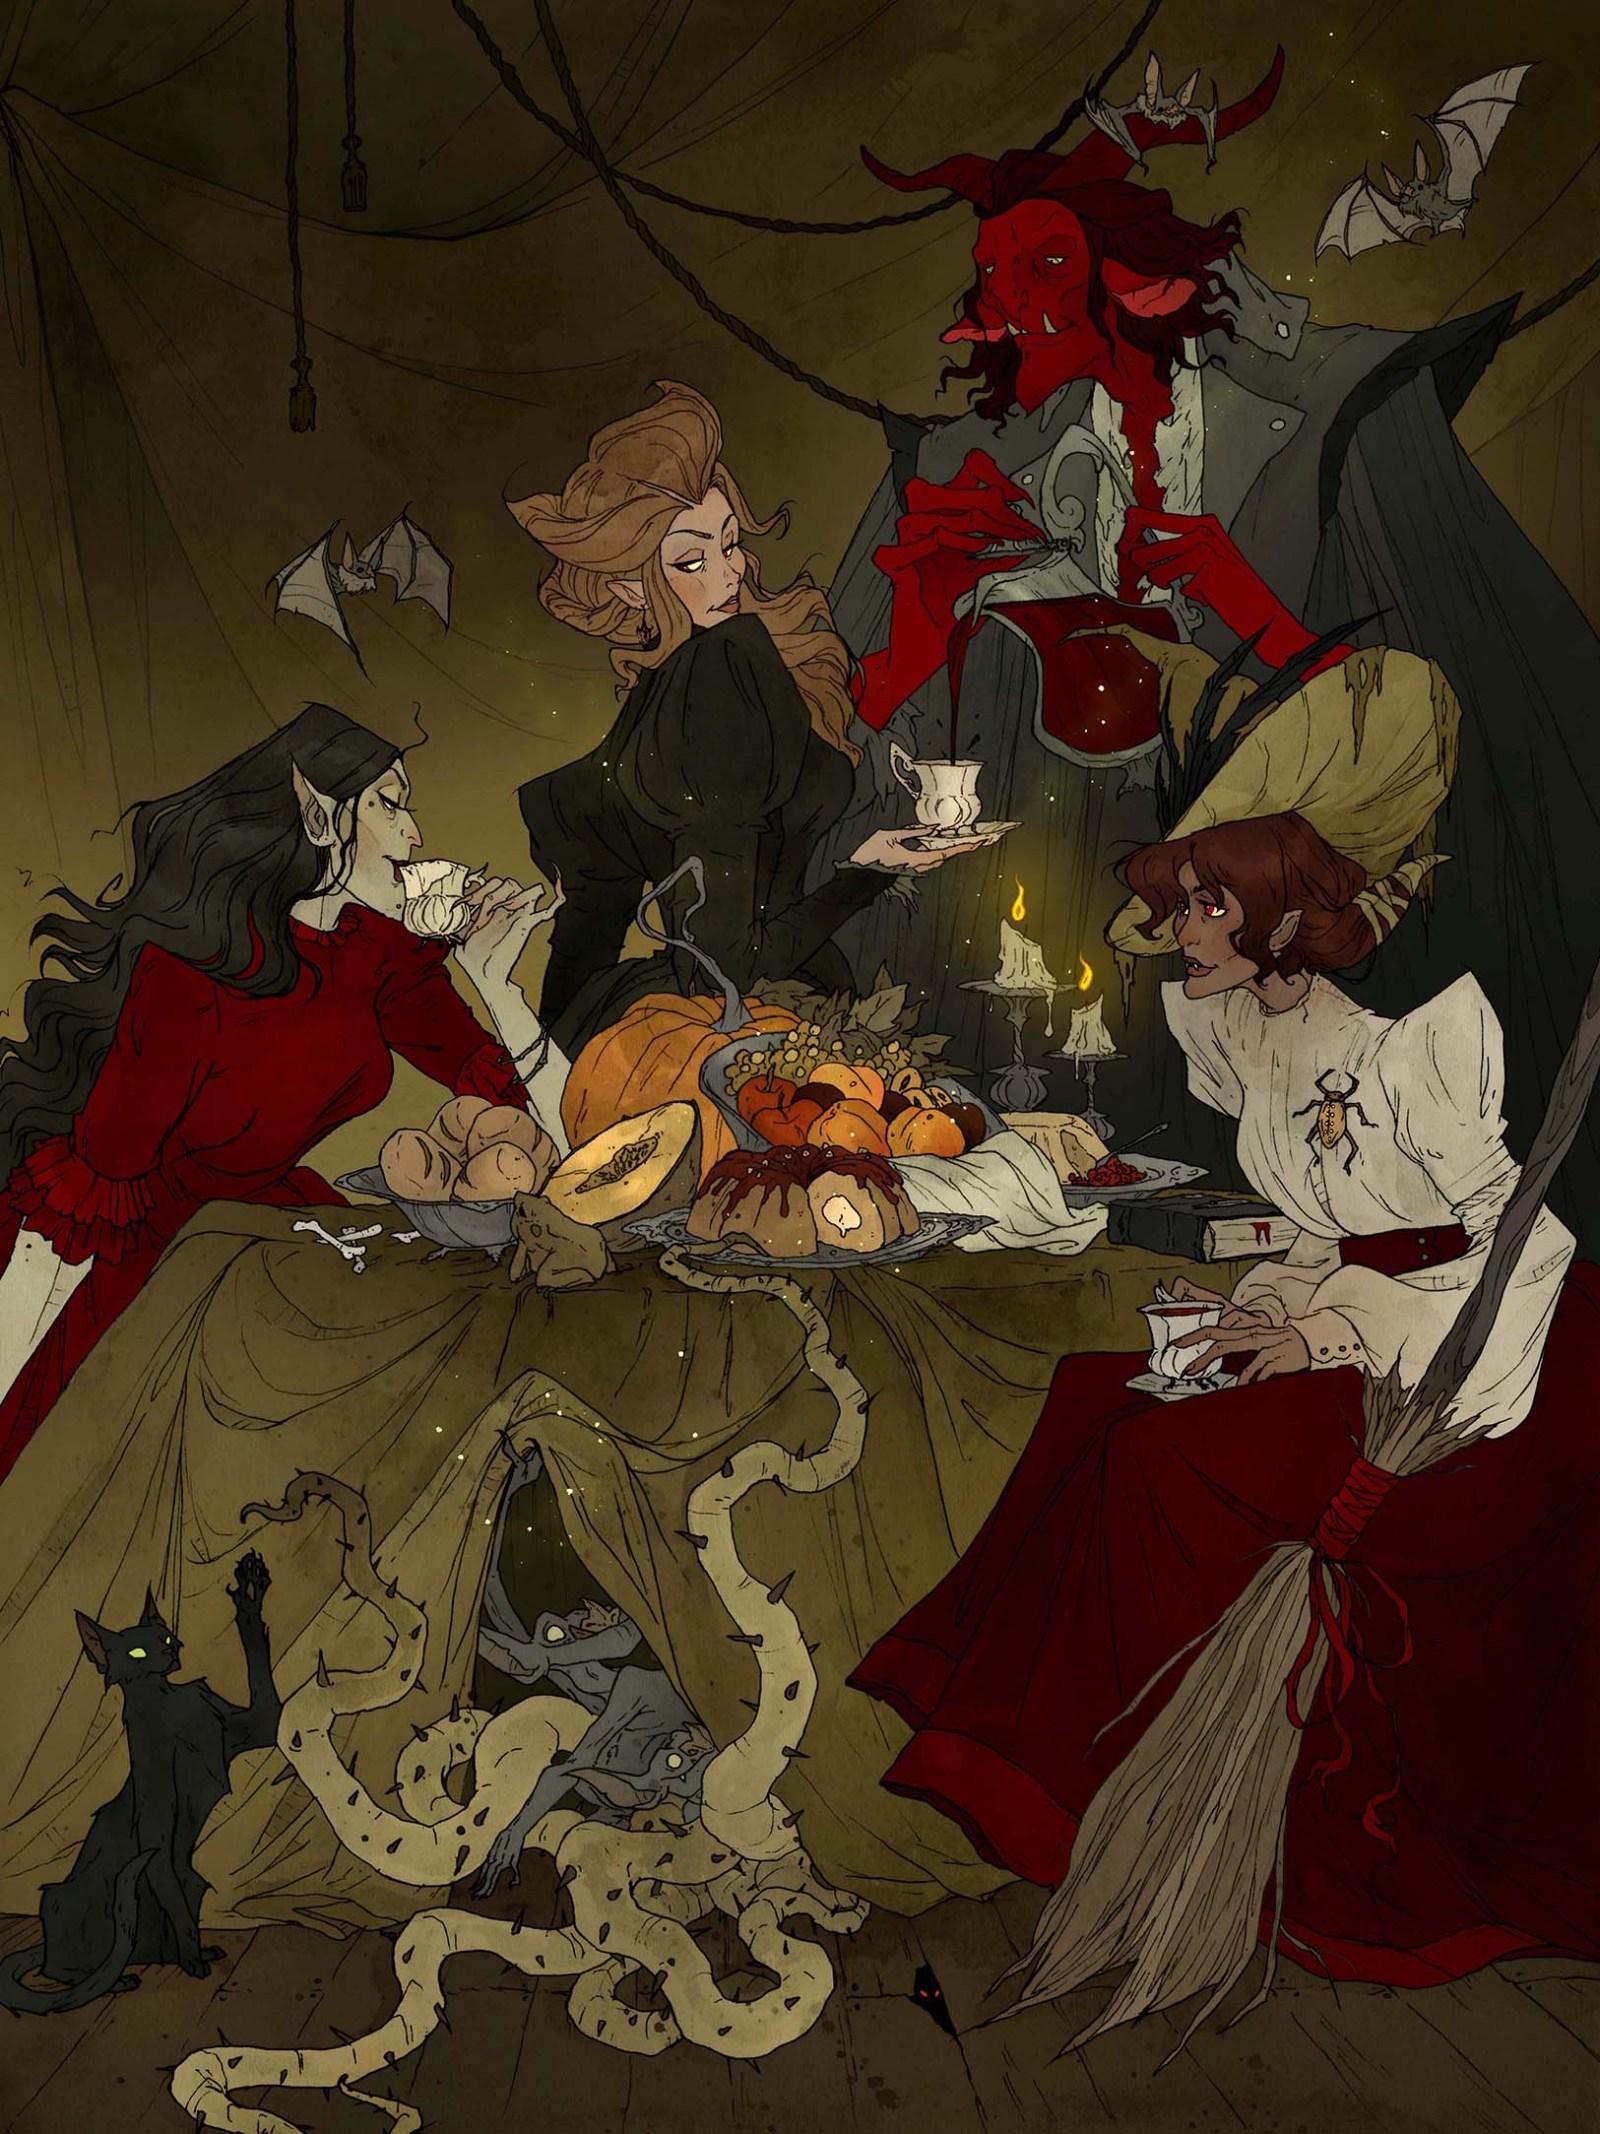 Image de l'artbook Crimson d'Abigail Larson : festin d'automne.